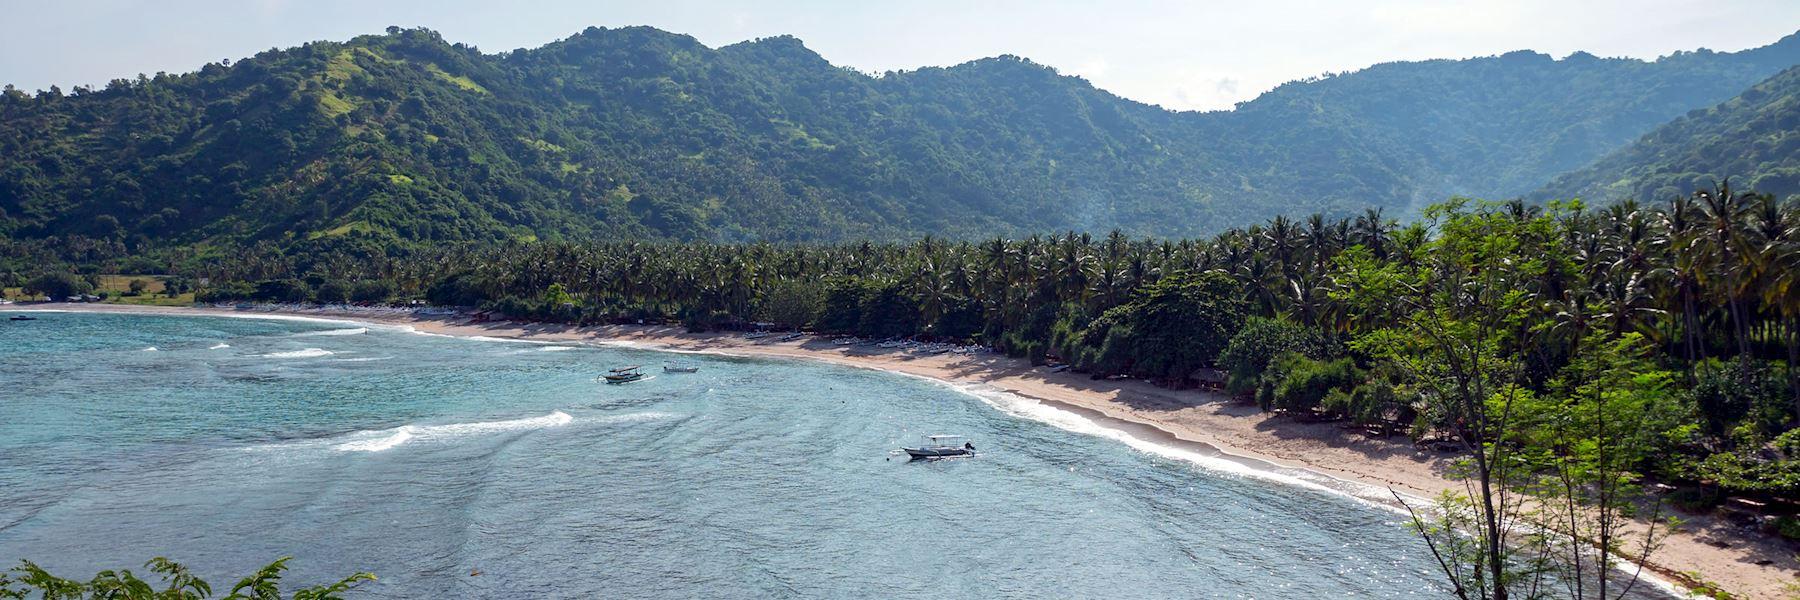 Visit Senggigi, Indonesia